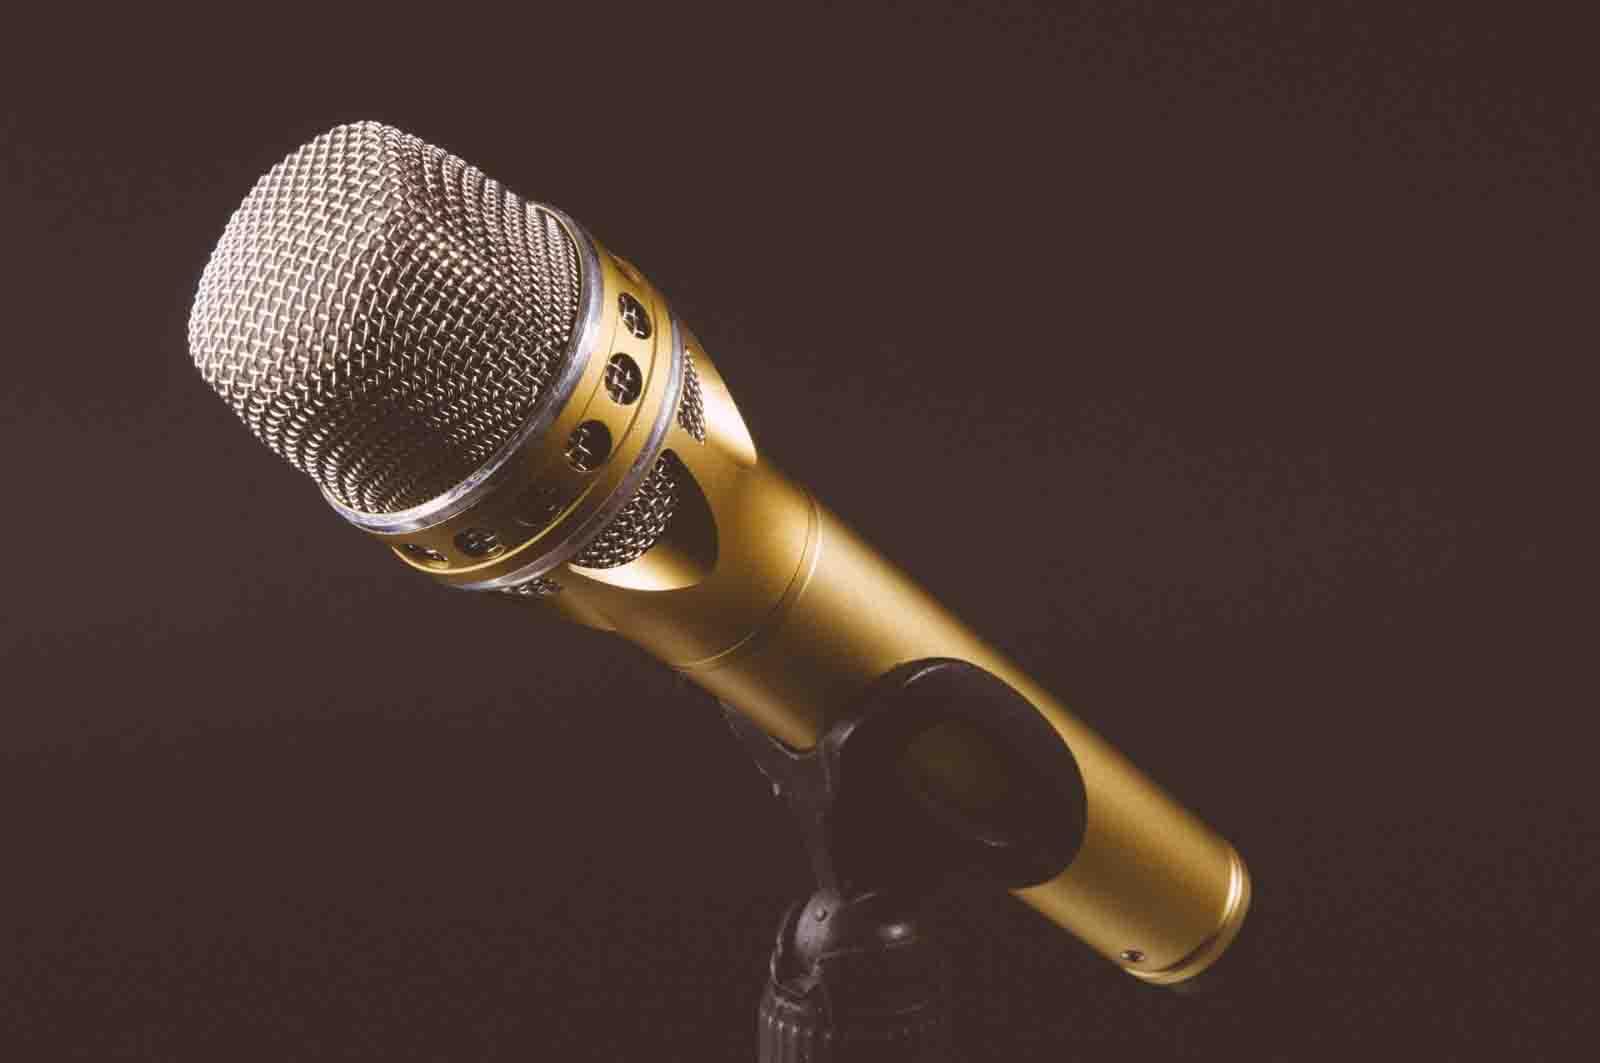 كيف تكون متحدثًا بارعًا تجيد فن الخطابة على غرار ديل كارنجي؟